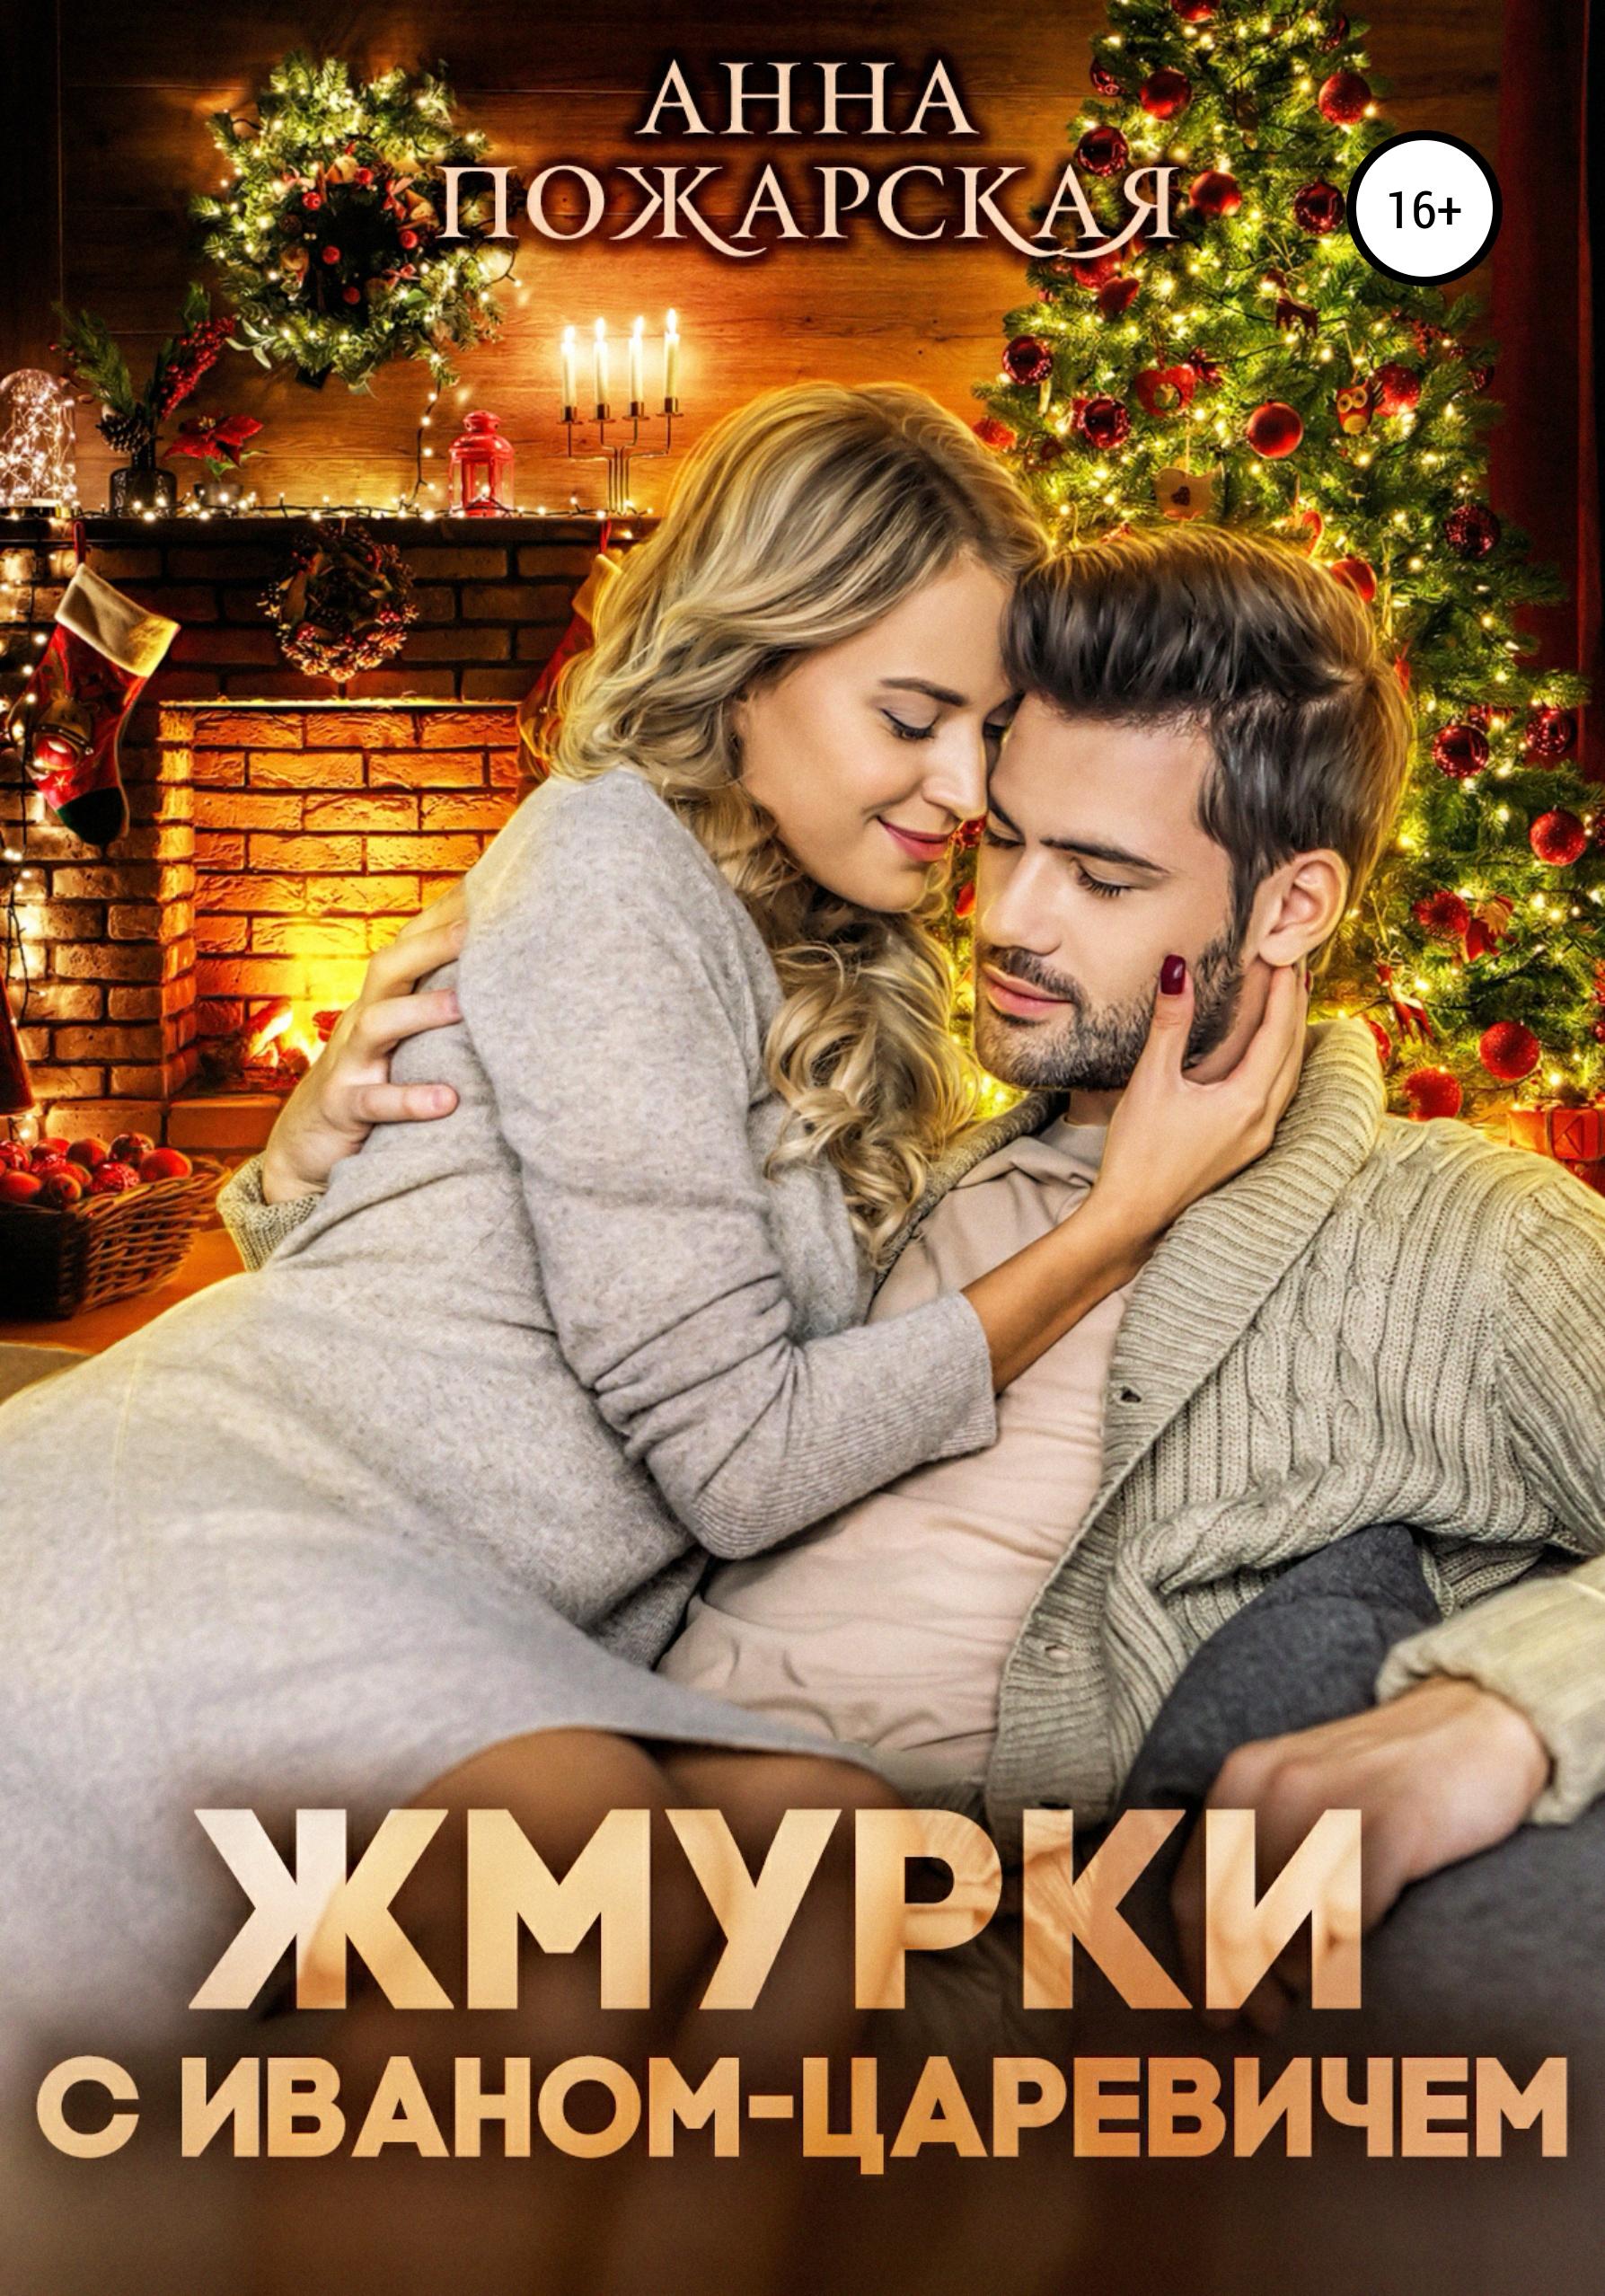 Купить книгу Жмурки с Иваном-царевичем, автора Анны Пожарской